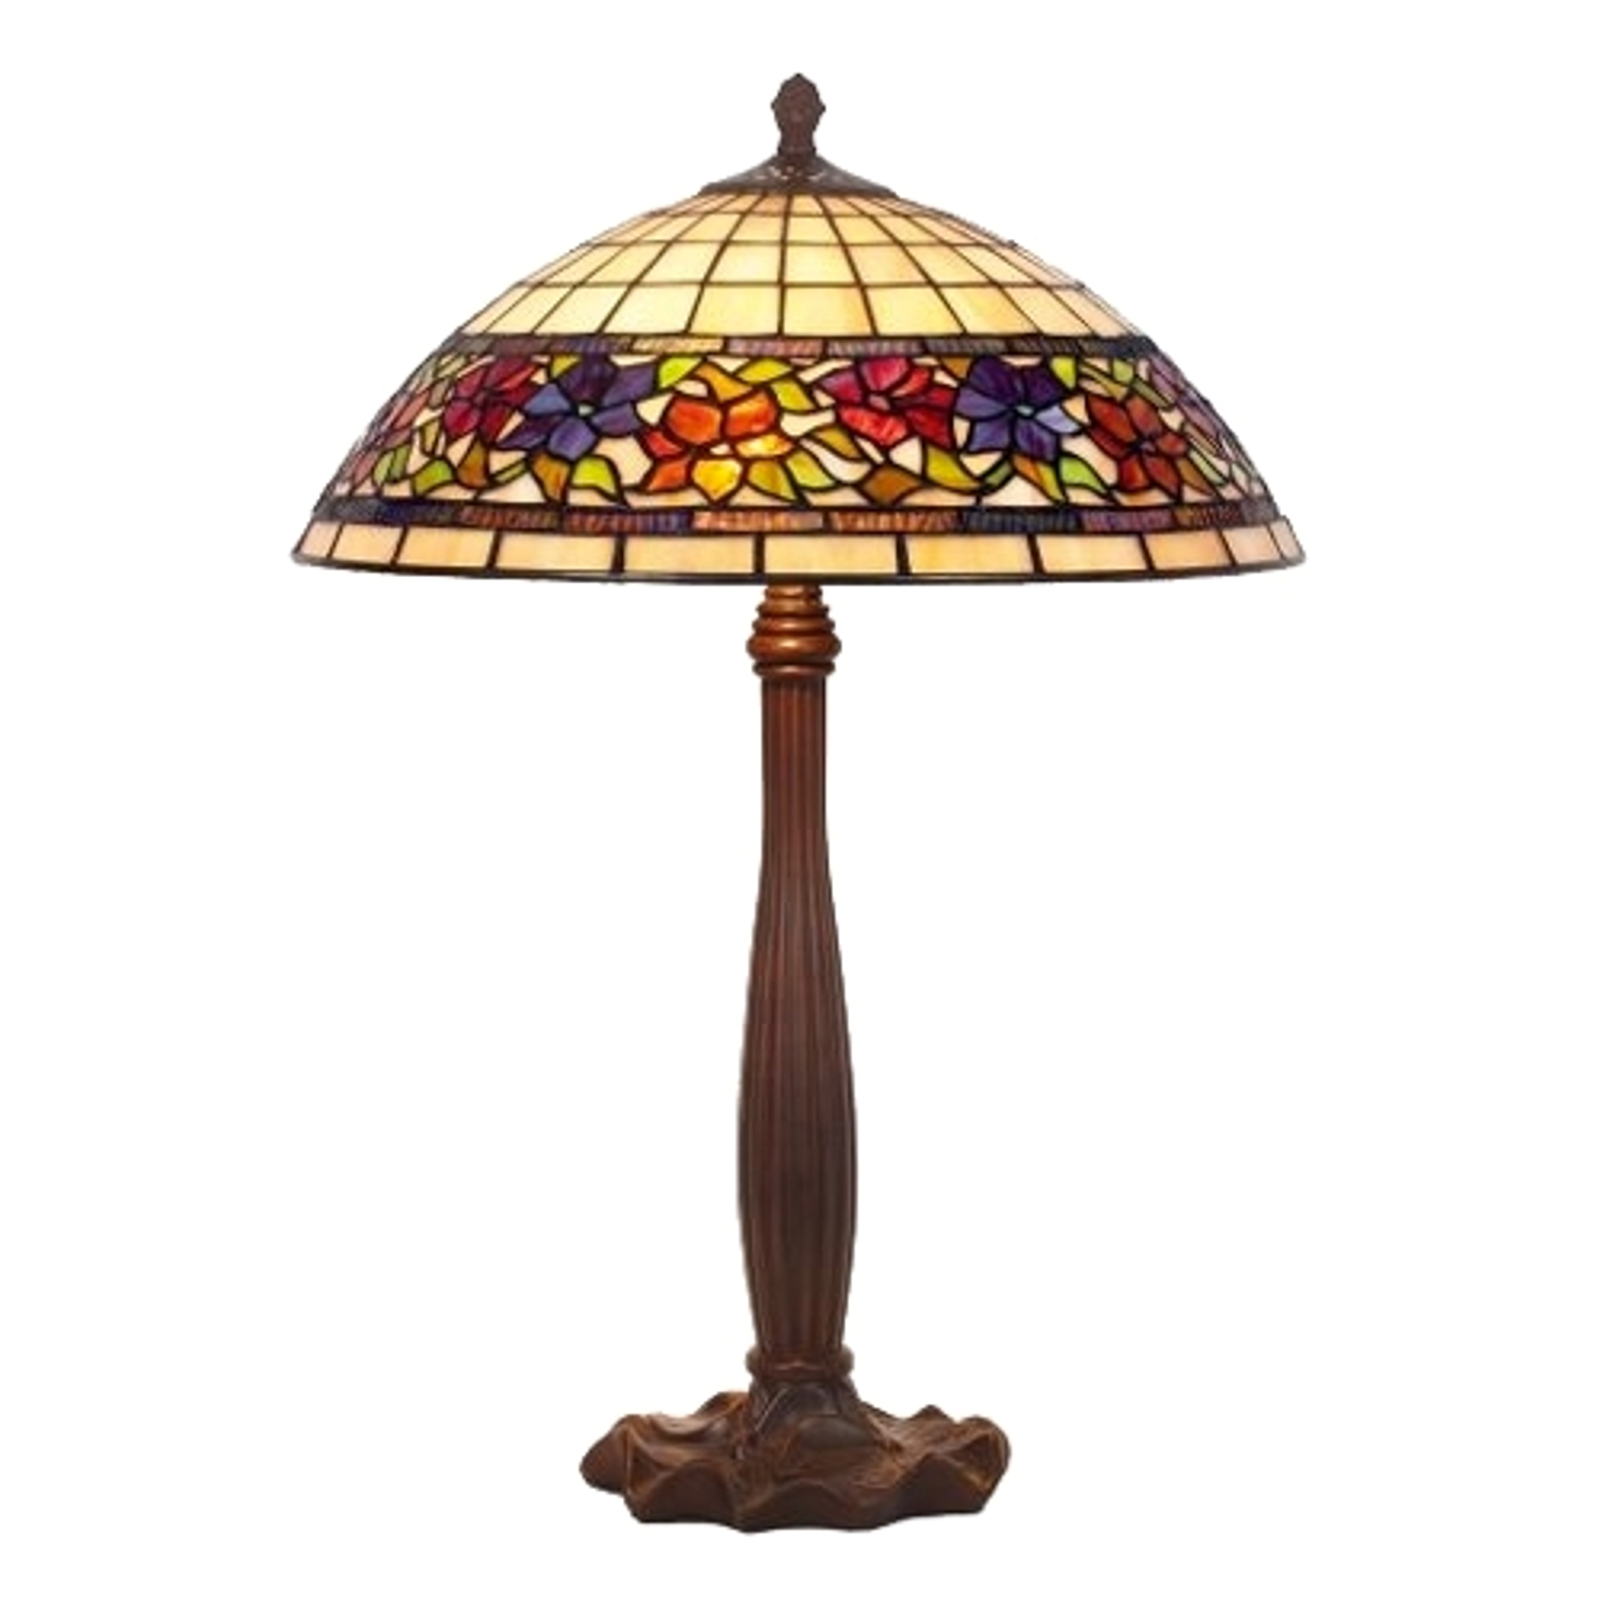 Oryginalna lampa stołowa FLORA w stylu Tiffany